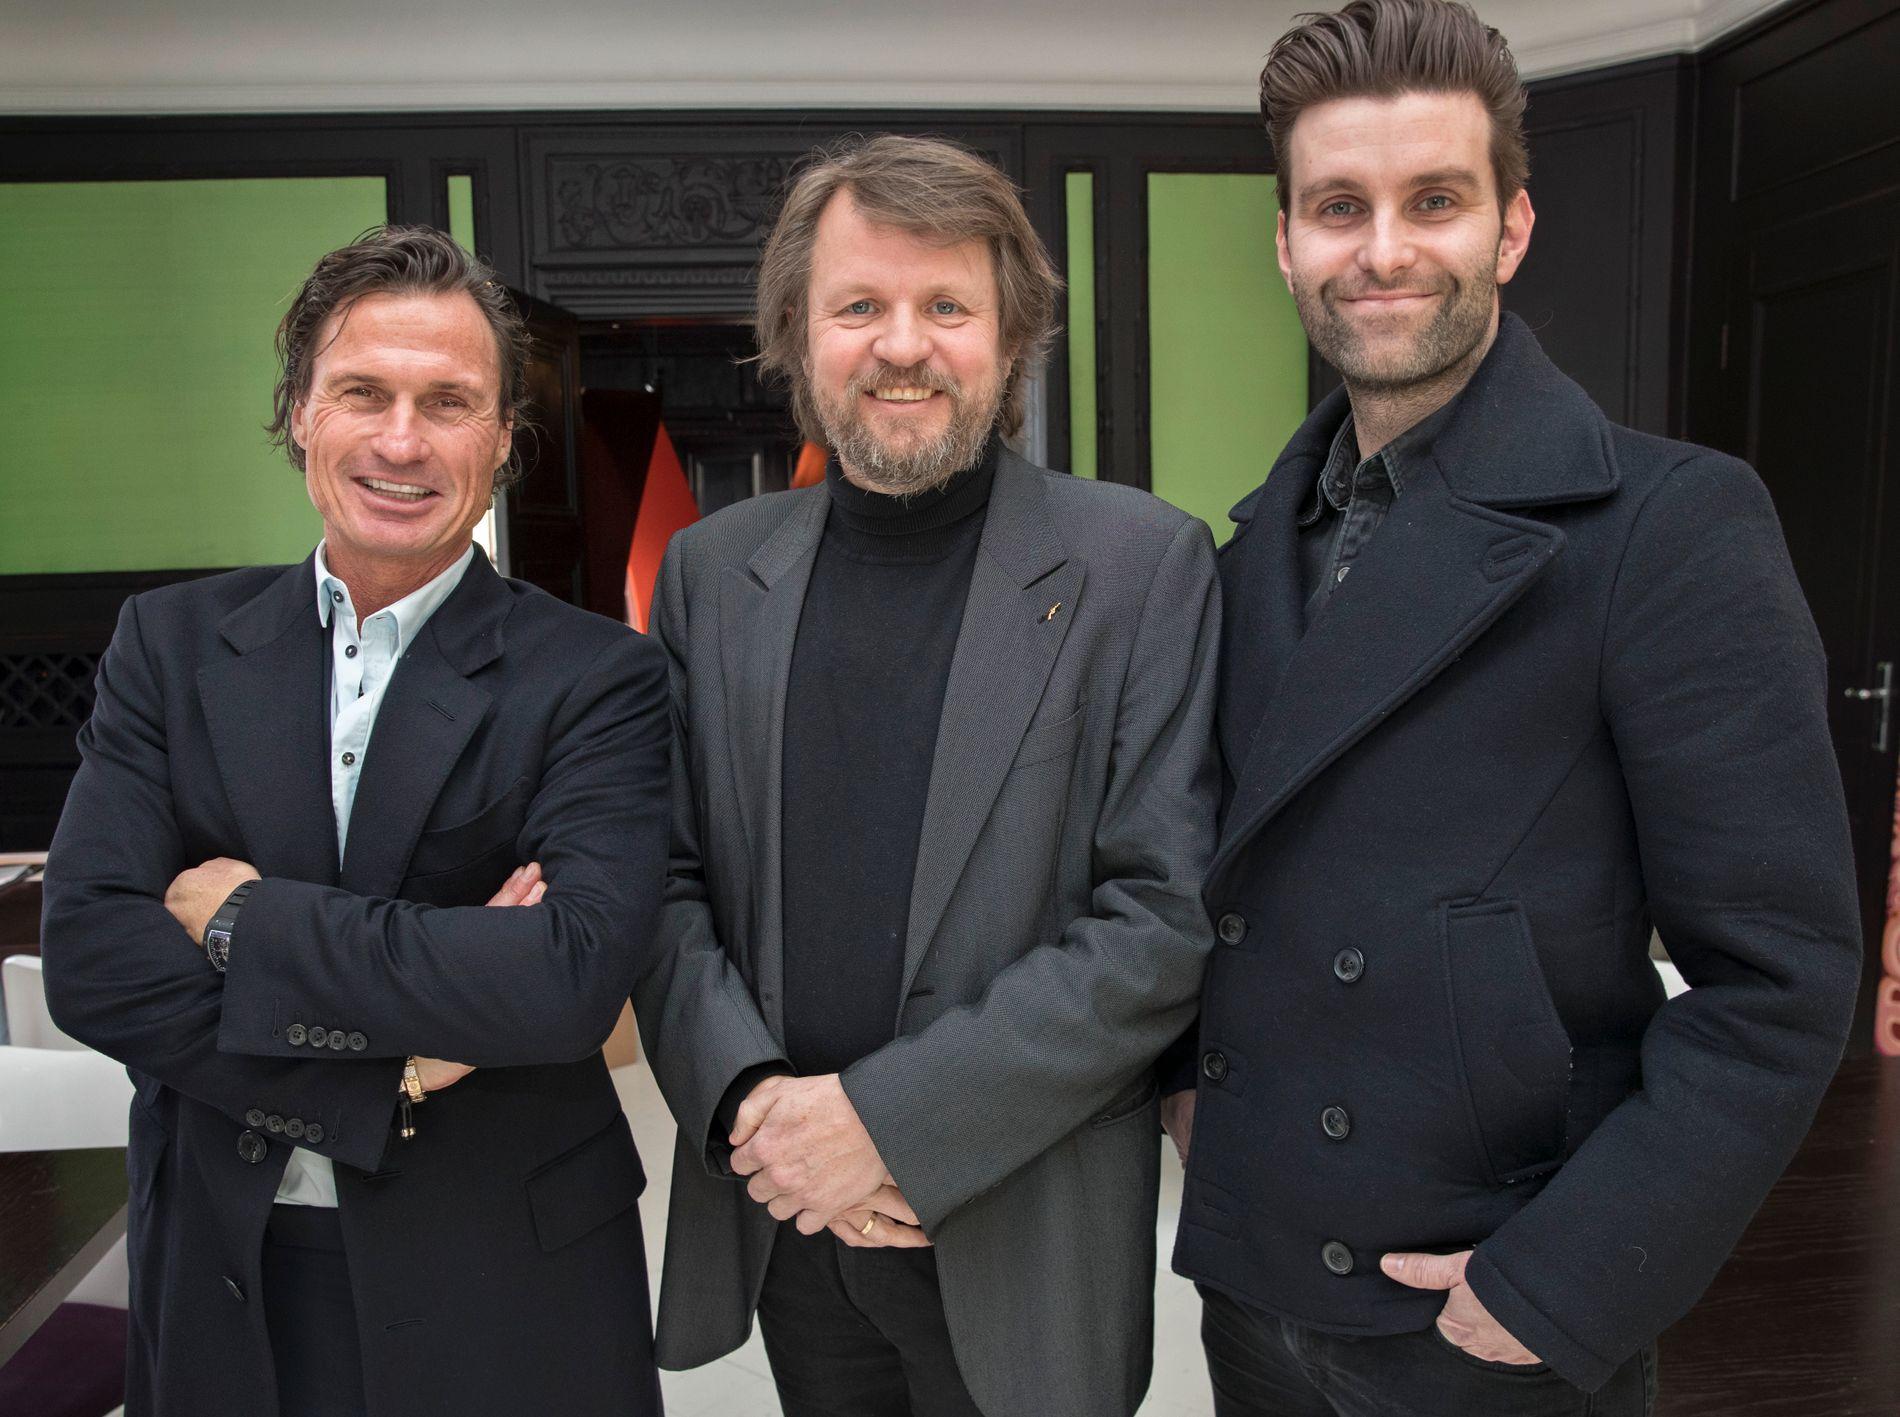 NY KOLLEGA: Tom Egeland (i midten) ble hentet fra Aschehoug til Capitana av Petter Stordalen og Jonas Forsang (t.h) tidligere i år.  Nå har de signert Eystein Hanssen som har gitt ut seks krimbøker på Cappelen Damm.